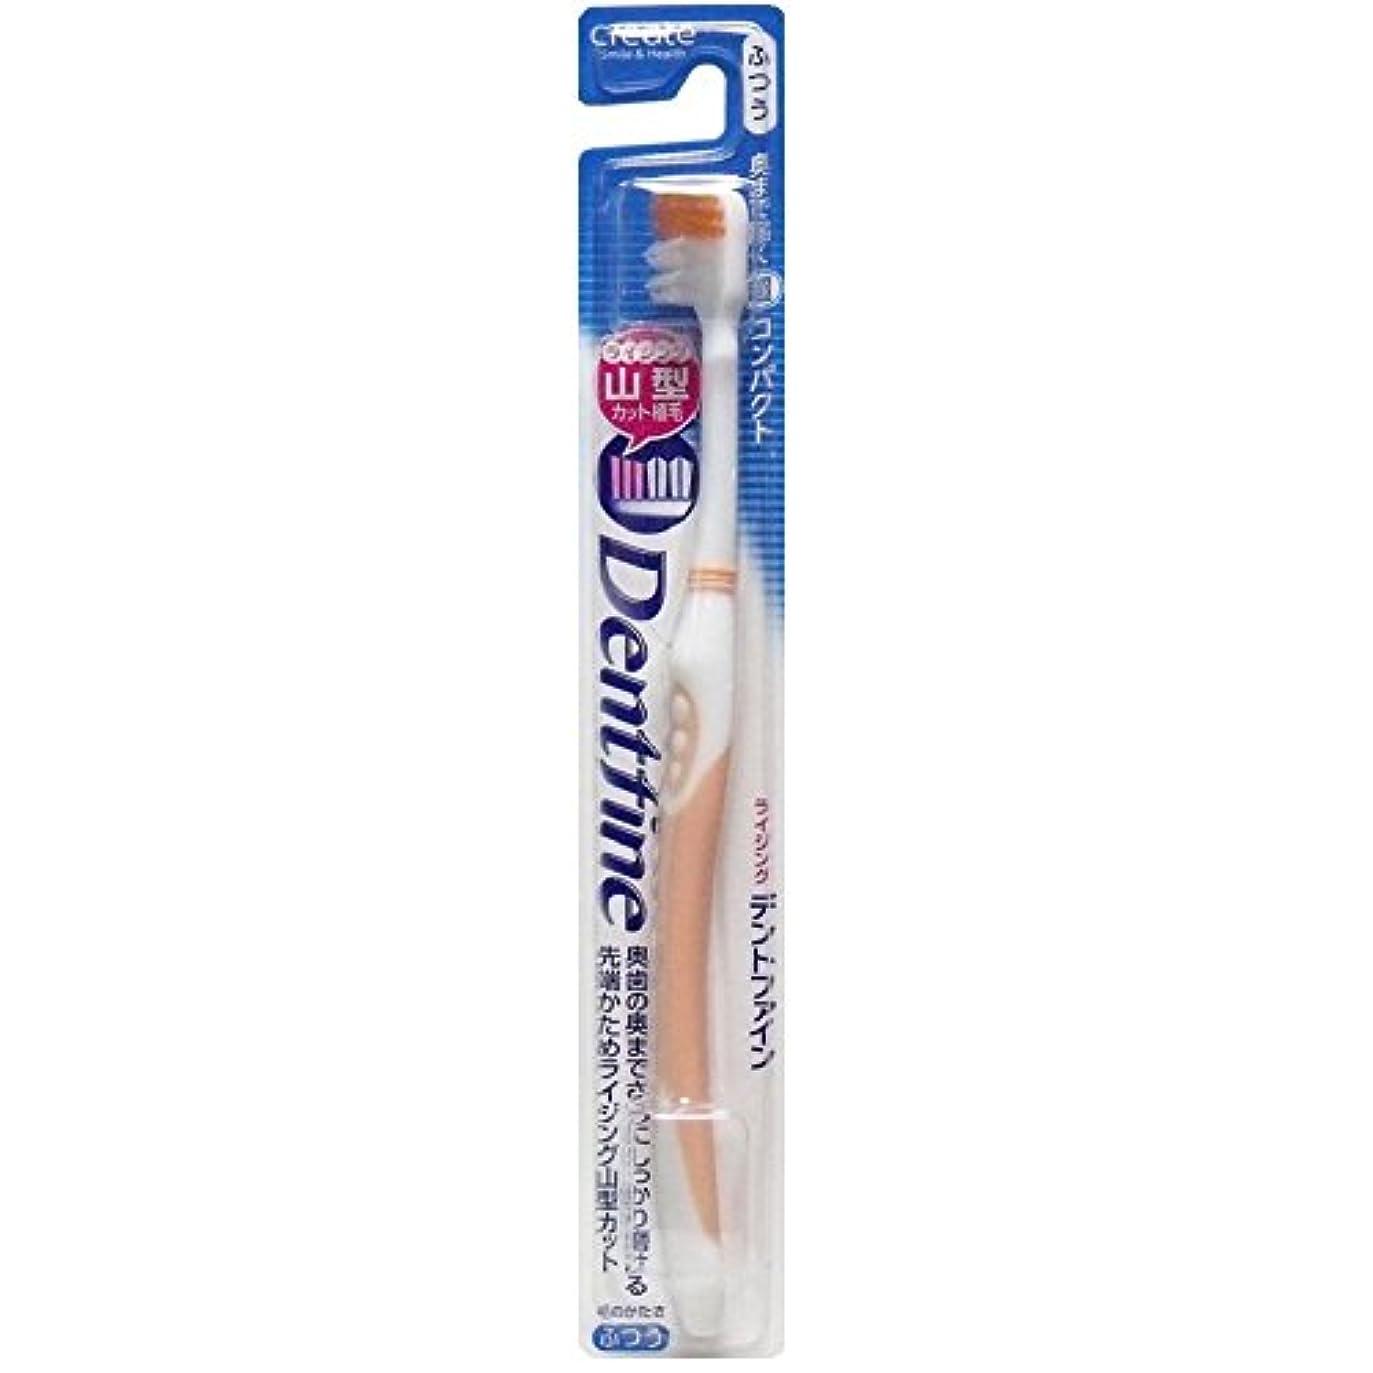 オーバーフローノミネート多年生デントファイン ピュアスタイル 山切りカット 歯ブラシ ふつう 1本:オレンジ